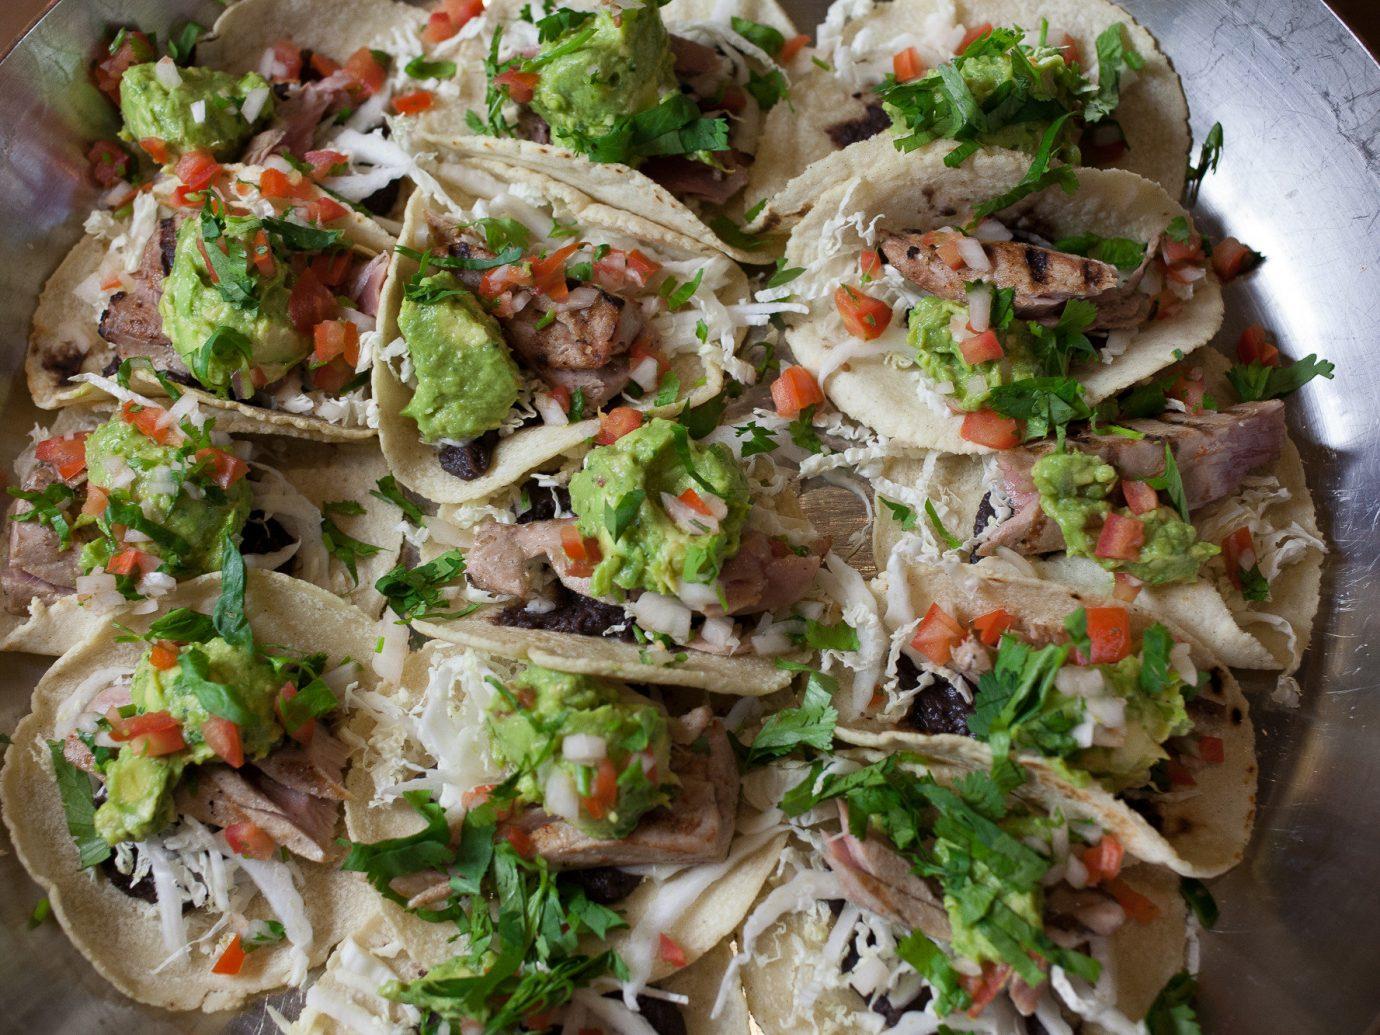 Food + Drink food dish salad cuisine produce